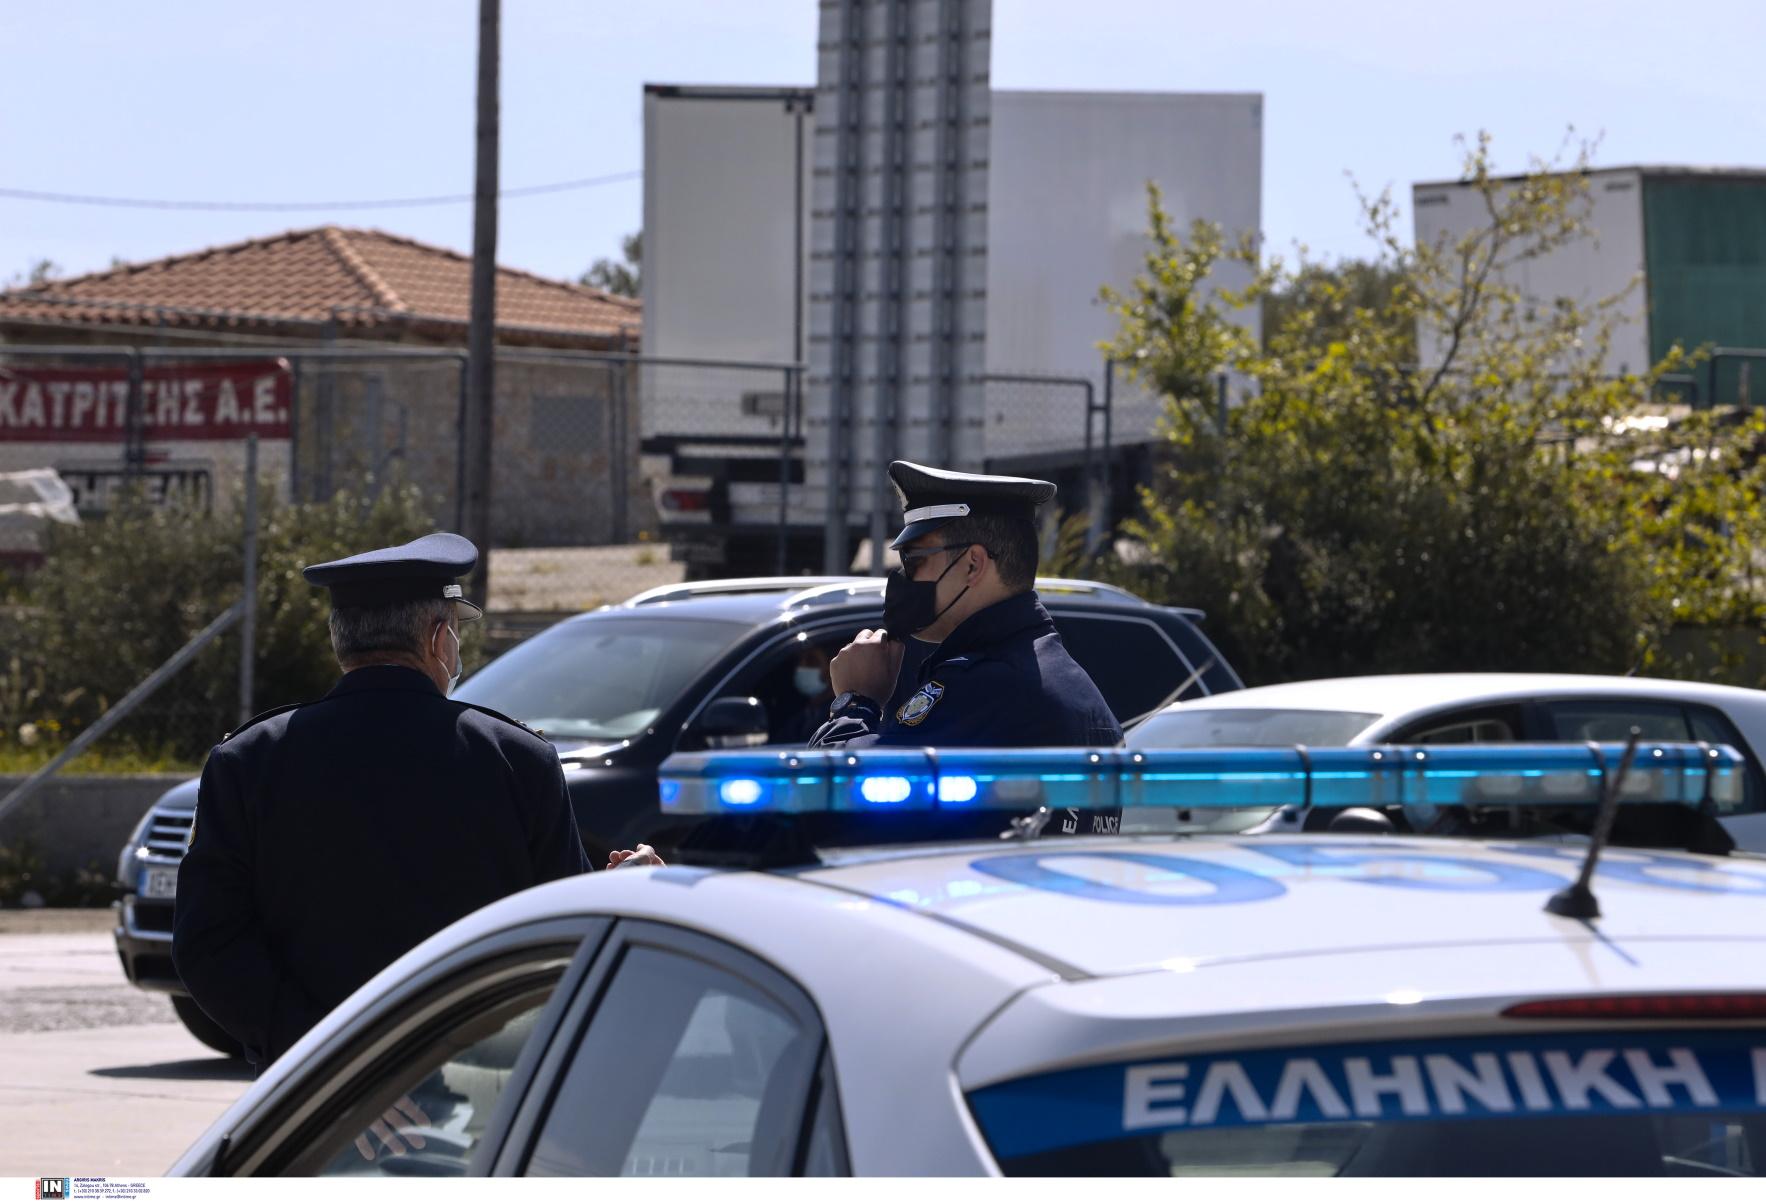 Κορονοϊός: Σχεδόν 81.000 έλεγχοι σε όλη την Ελλάδα – «Καμπάνες» 87.400 ευρώ